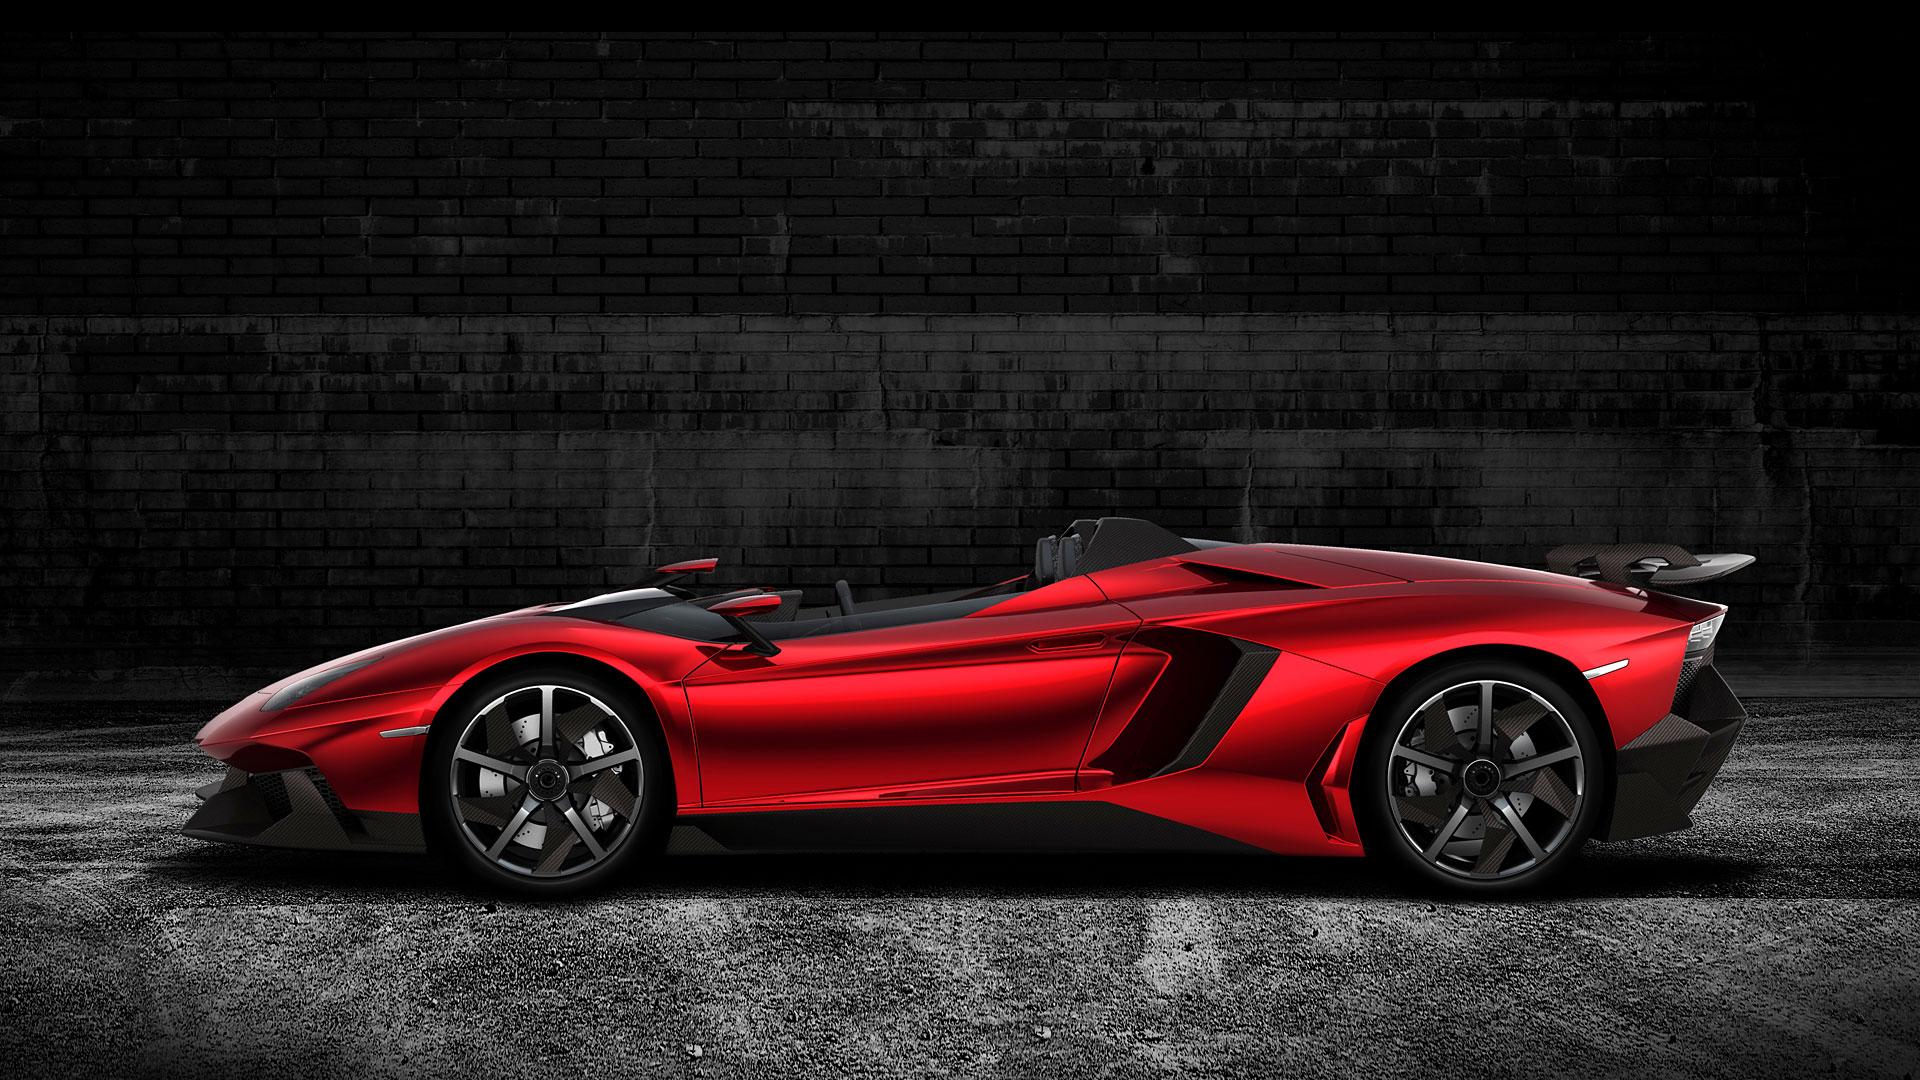 Lamborghini Aventador J-งดงาม